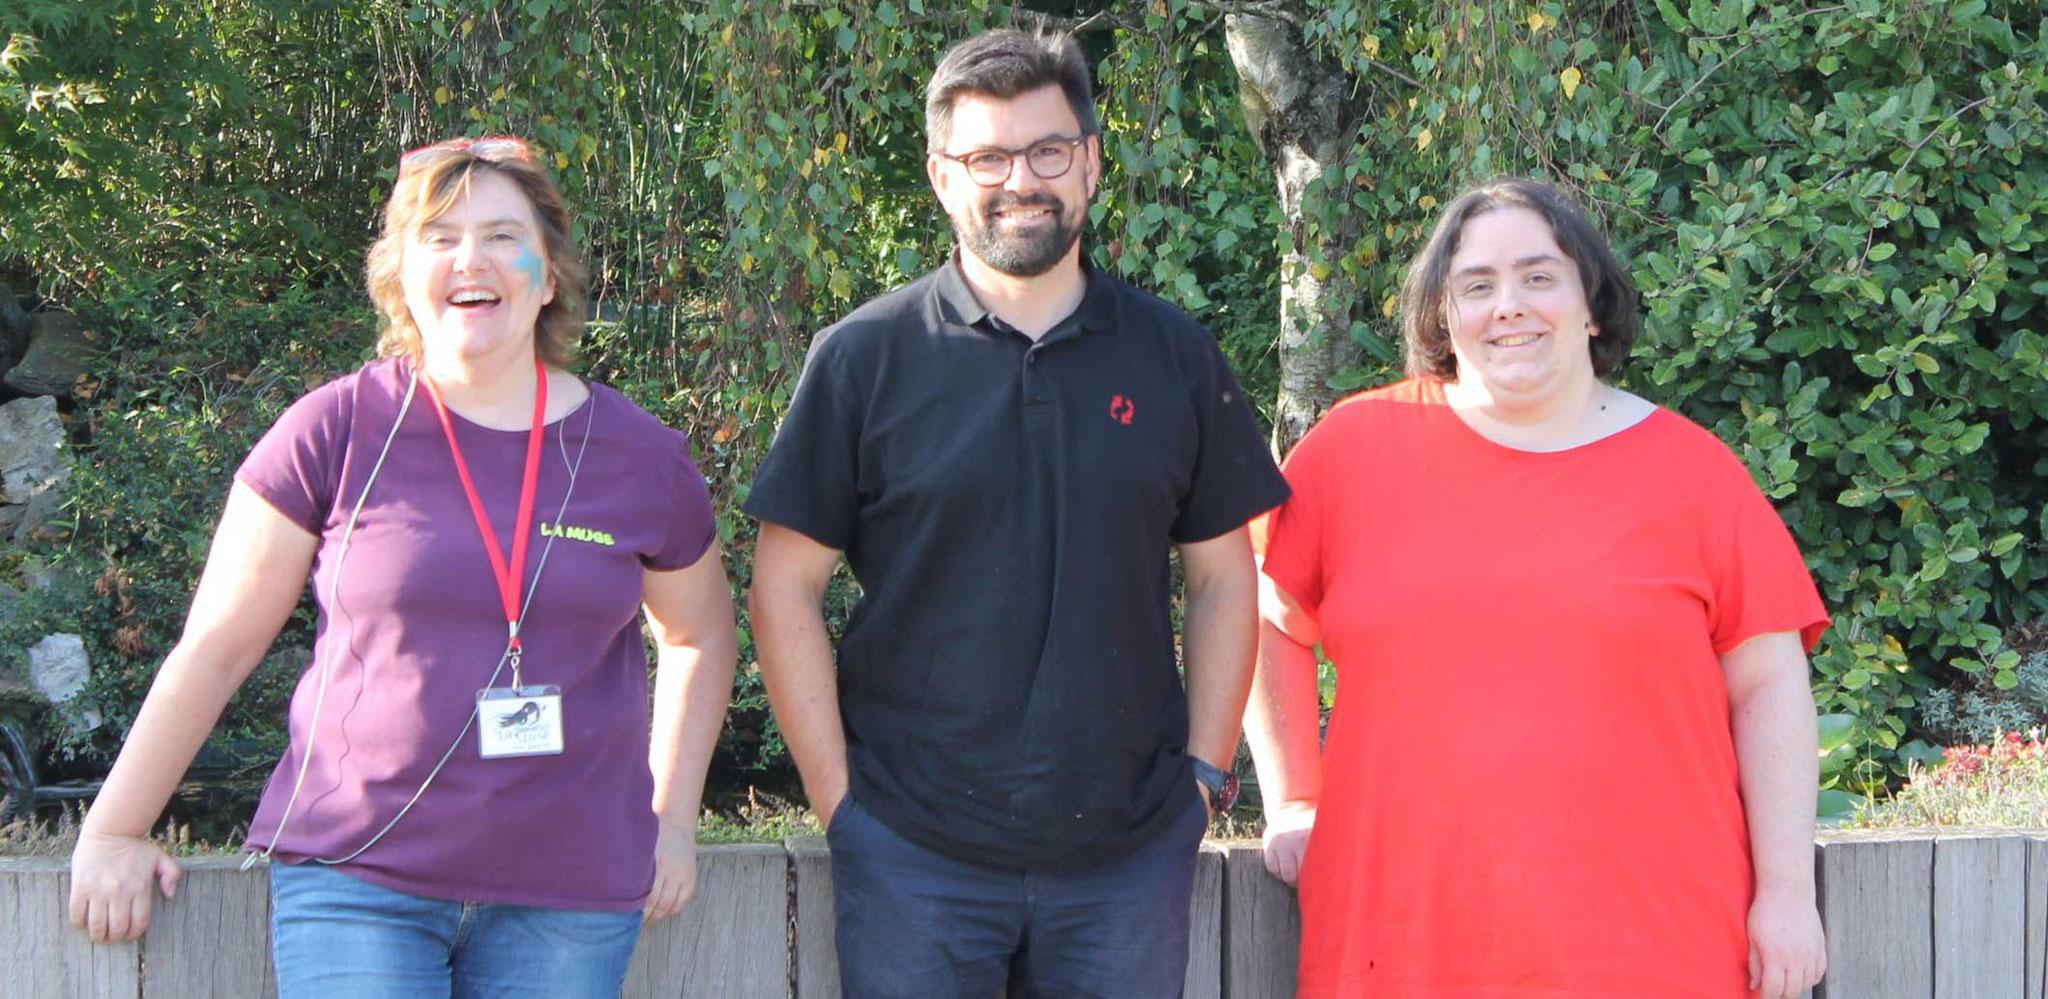 Nicolas Segard, La Muse et l'illustratrice auteur Cloé Perrotin aux Jardins Aquatiques à l'été 2017